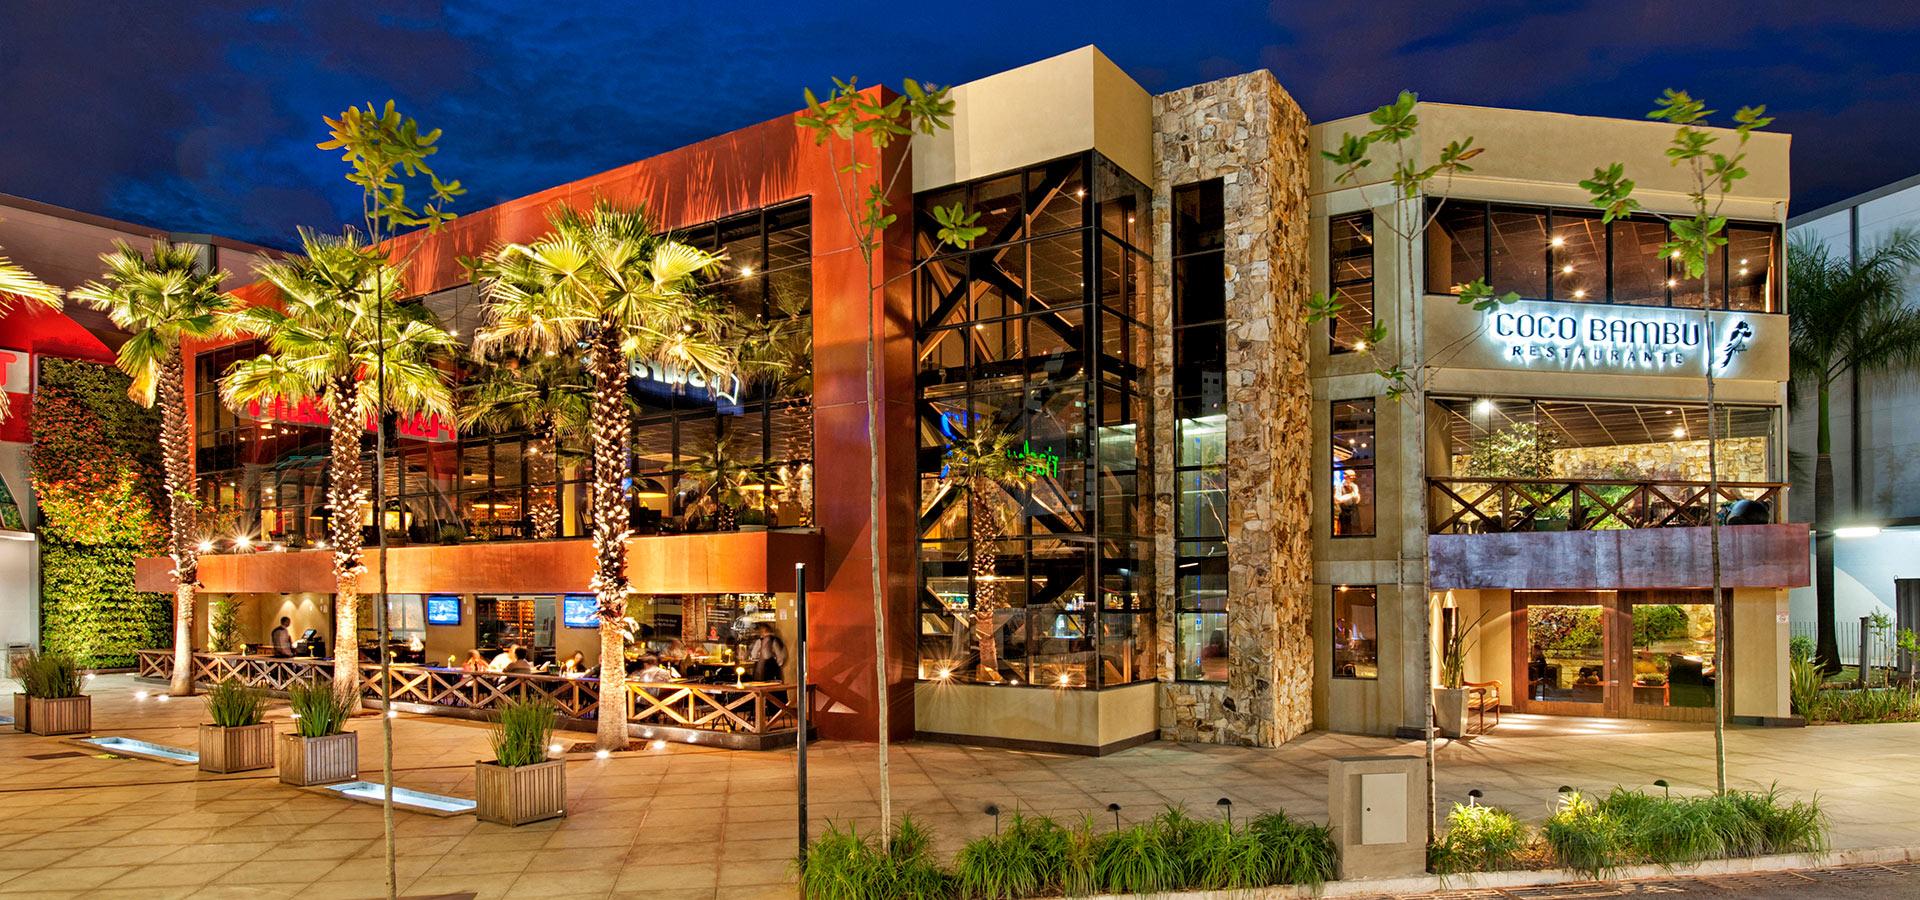 Restaurante Coco Bambu Goiânia